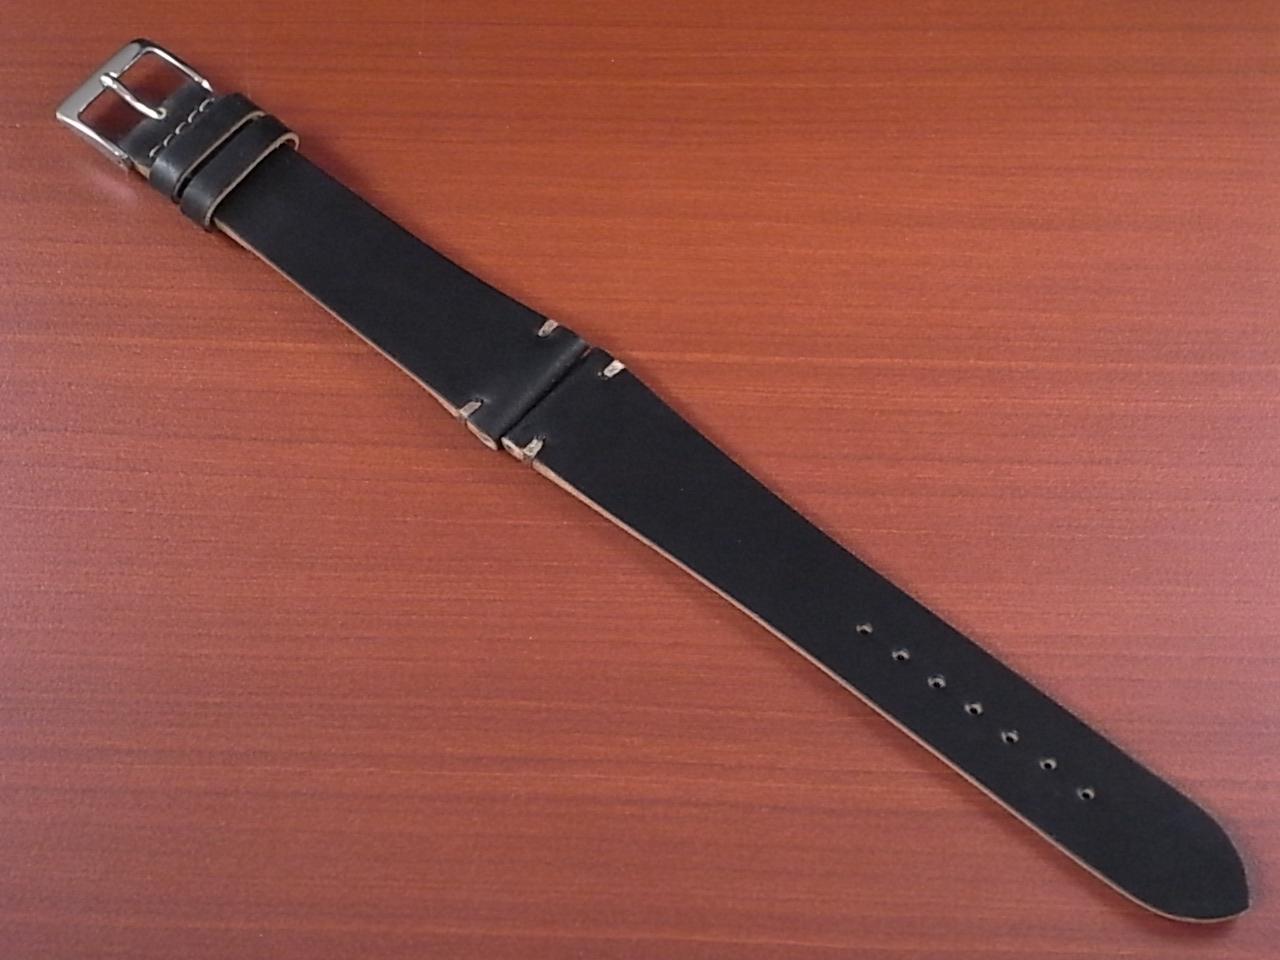 ホーウィン コードバン レギュラーA ブラック 20mmのメイン写真